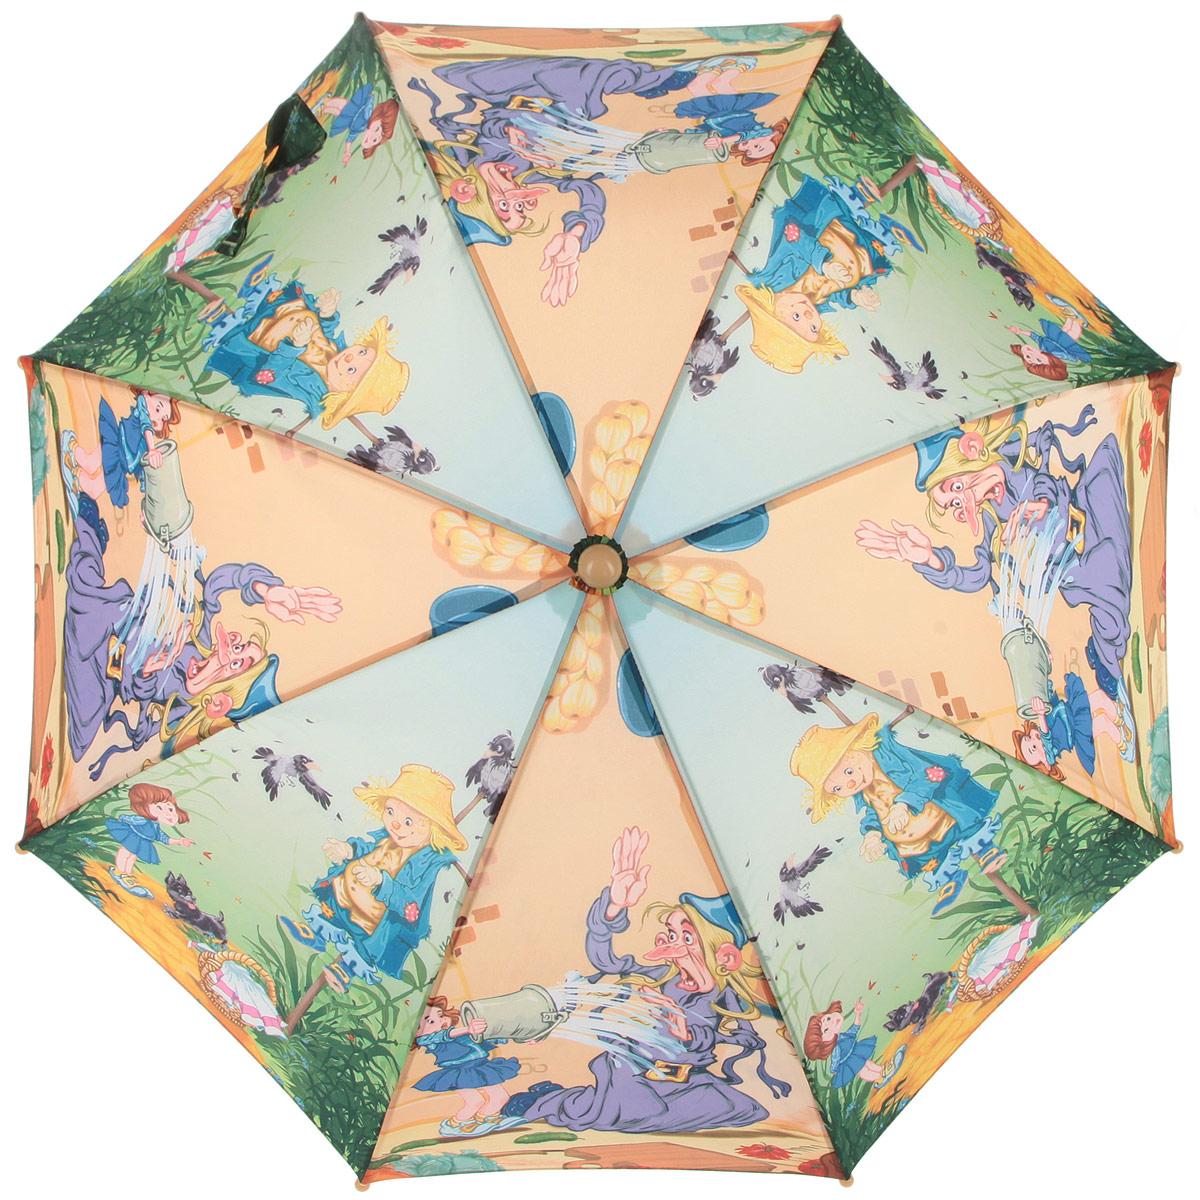 Зонт-трость детский Zest, цвет: зеленый, желтый, фиолетовый. 21665-0445102176/33205/7900XКрасочный детский зонт-трость ZEST выполнен из металла и пластика, оформлен принтом с изображениями героев известнейших сказок.Каркас зонта выполнен из восьми спиц, стержень из стали. На концах спиц предусмотрены пластиковые элементы, которые защитят малыша от травм. Купол зонта изготовлен прочного полиэстера. Закрытый купол застегивается на липучку хлястиком. Практичная глянцевая рукоятка закругленной формы разработана с учетом требований эргономики и выполнена из пластика.Зонт имеет полуавтоматический механизм сложения: купол открывается нажатием кнопки на рукоятке, а закрывается вручную до характерного щелчка.